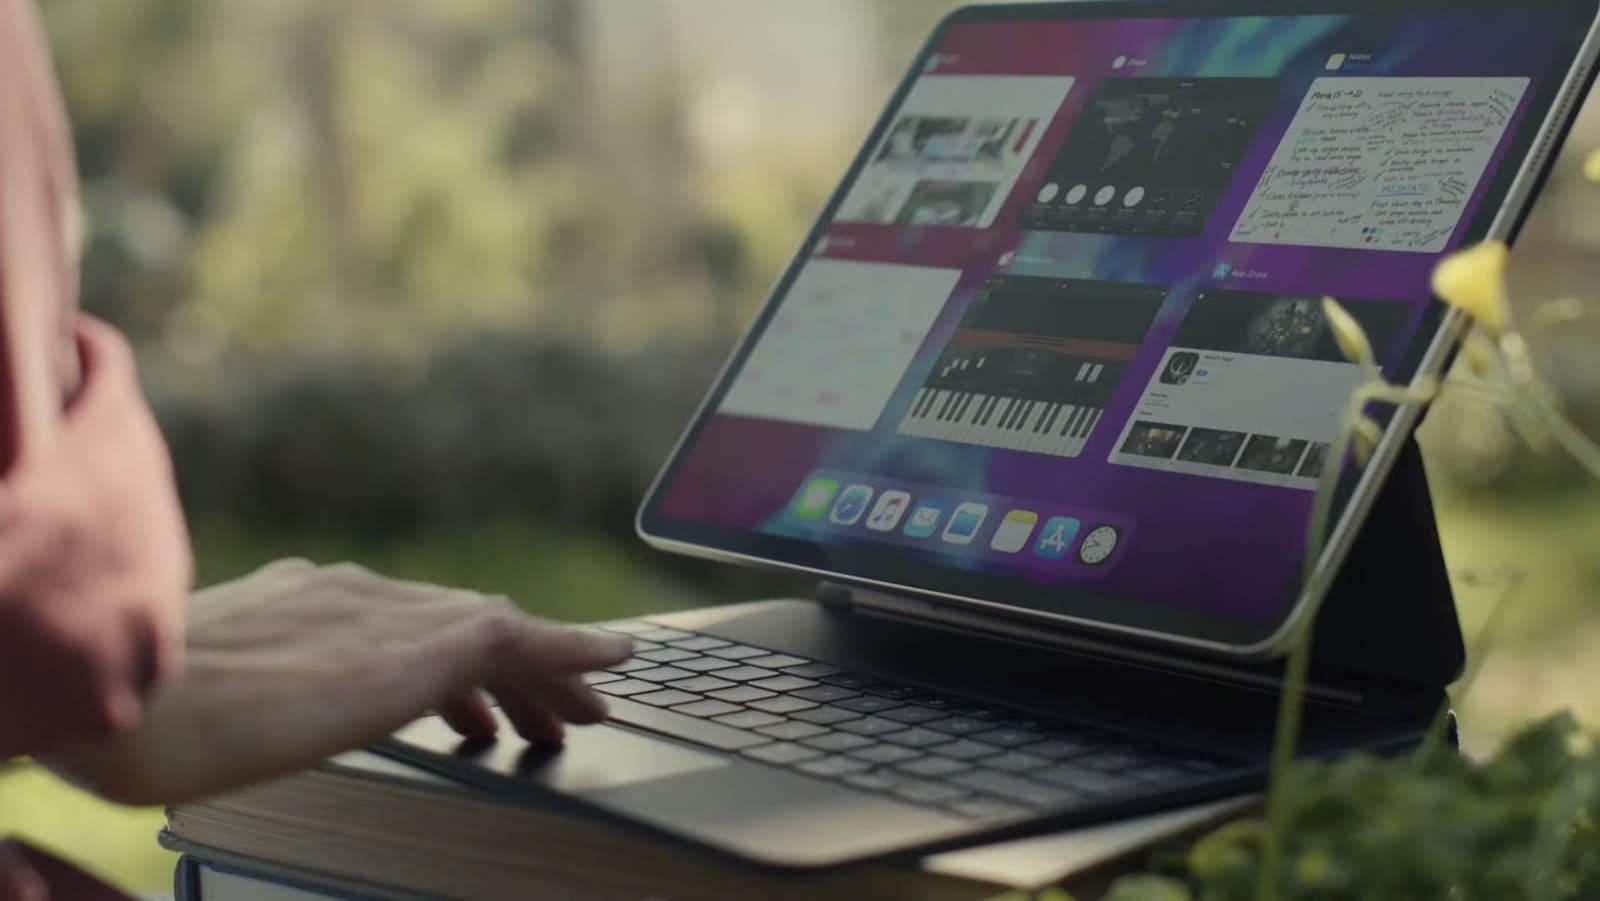 Bộ phần mềm văn phòng iWork và ứng dụng biên tập phim iMovie của Apple đã hỗ trợ chuột trên iPad